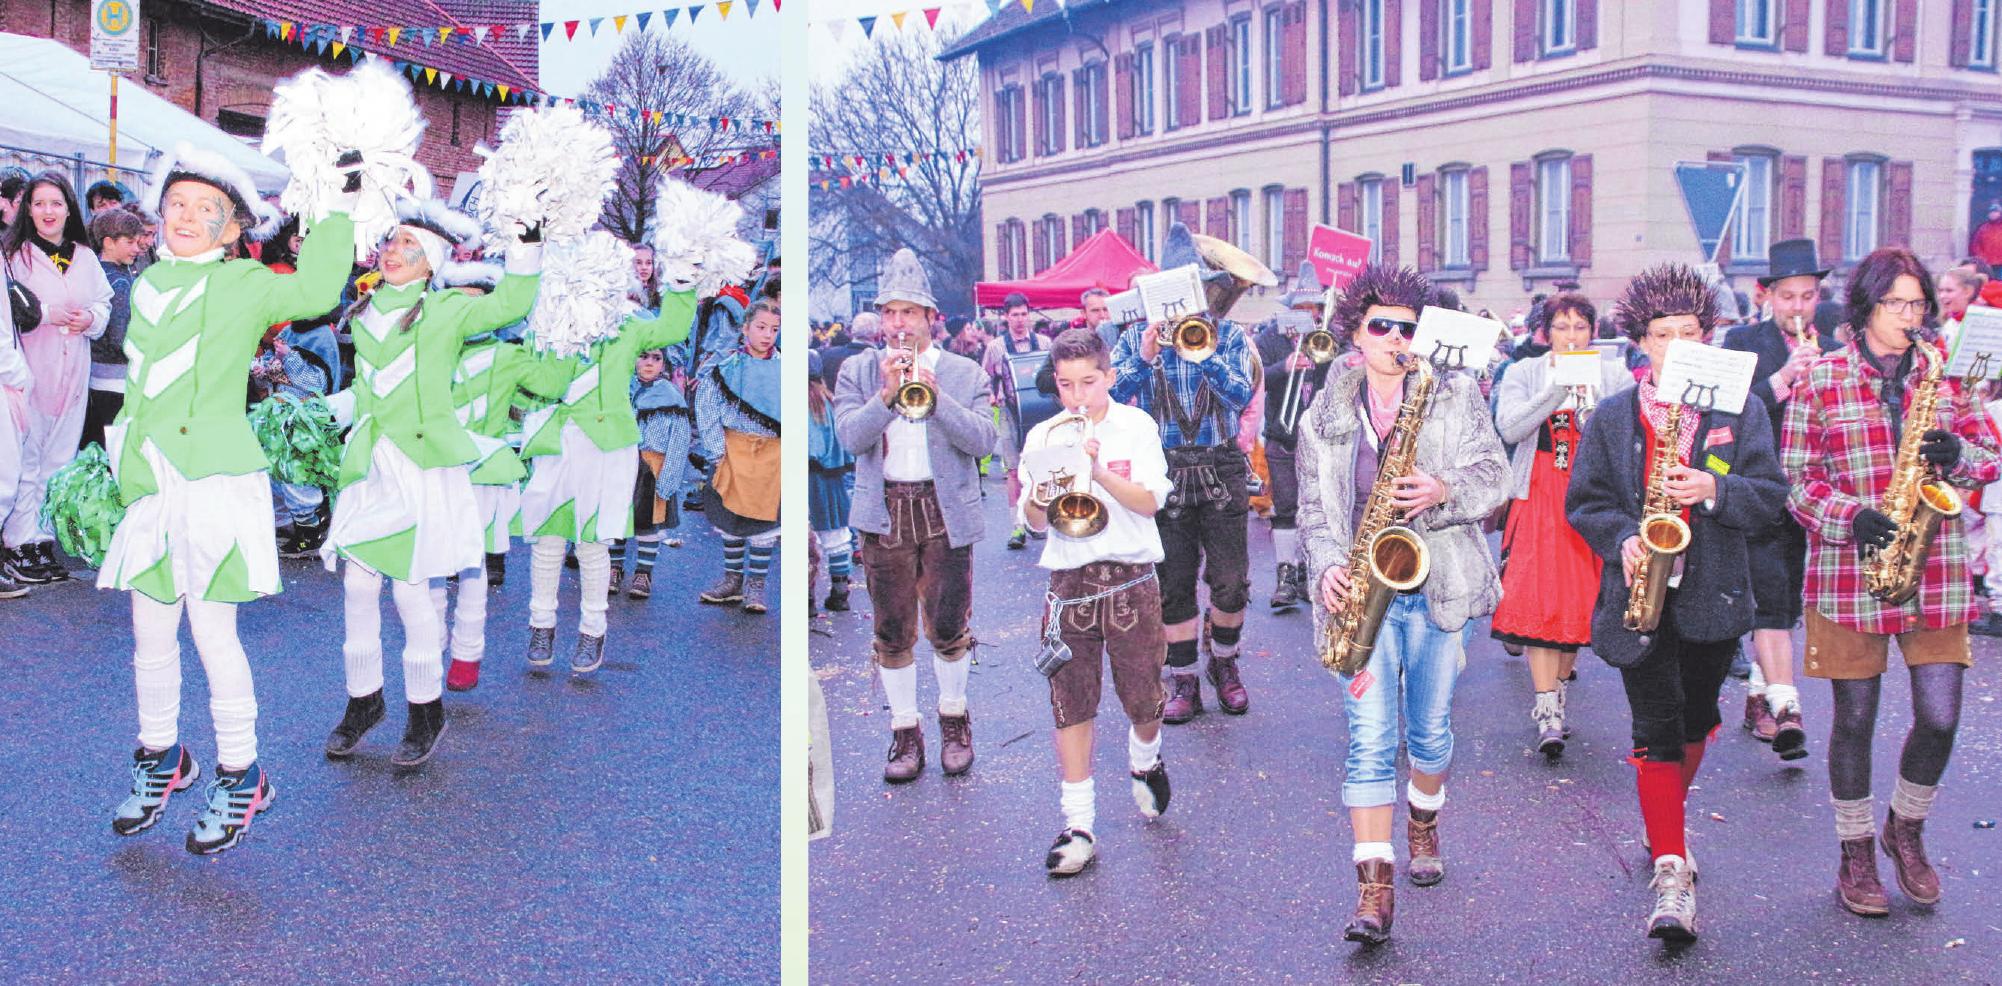 Beim Umzug in Reinstetten am 9. Februar sind die unterschiedlichsten Gruppen und Musikkapellen mit dabei. FOTO: PRIVAT